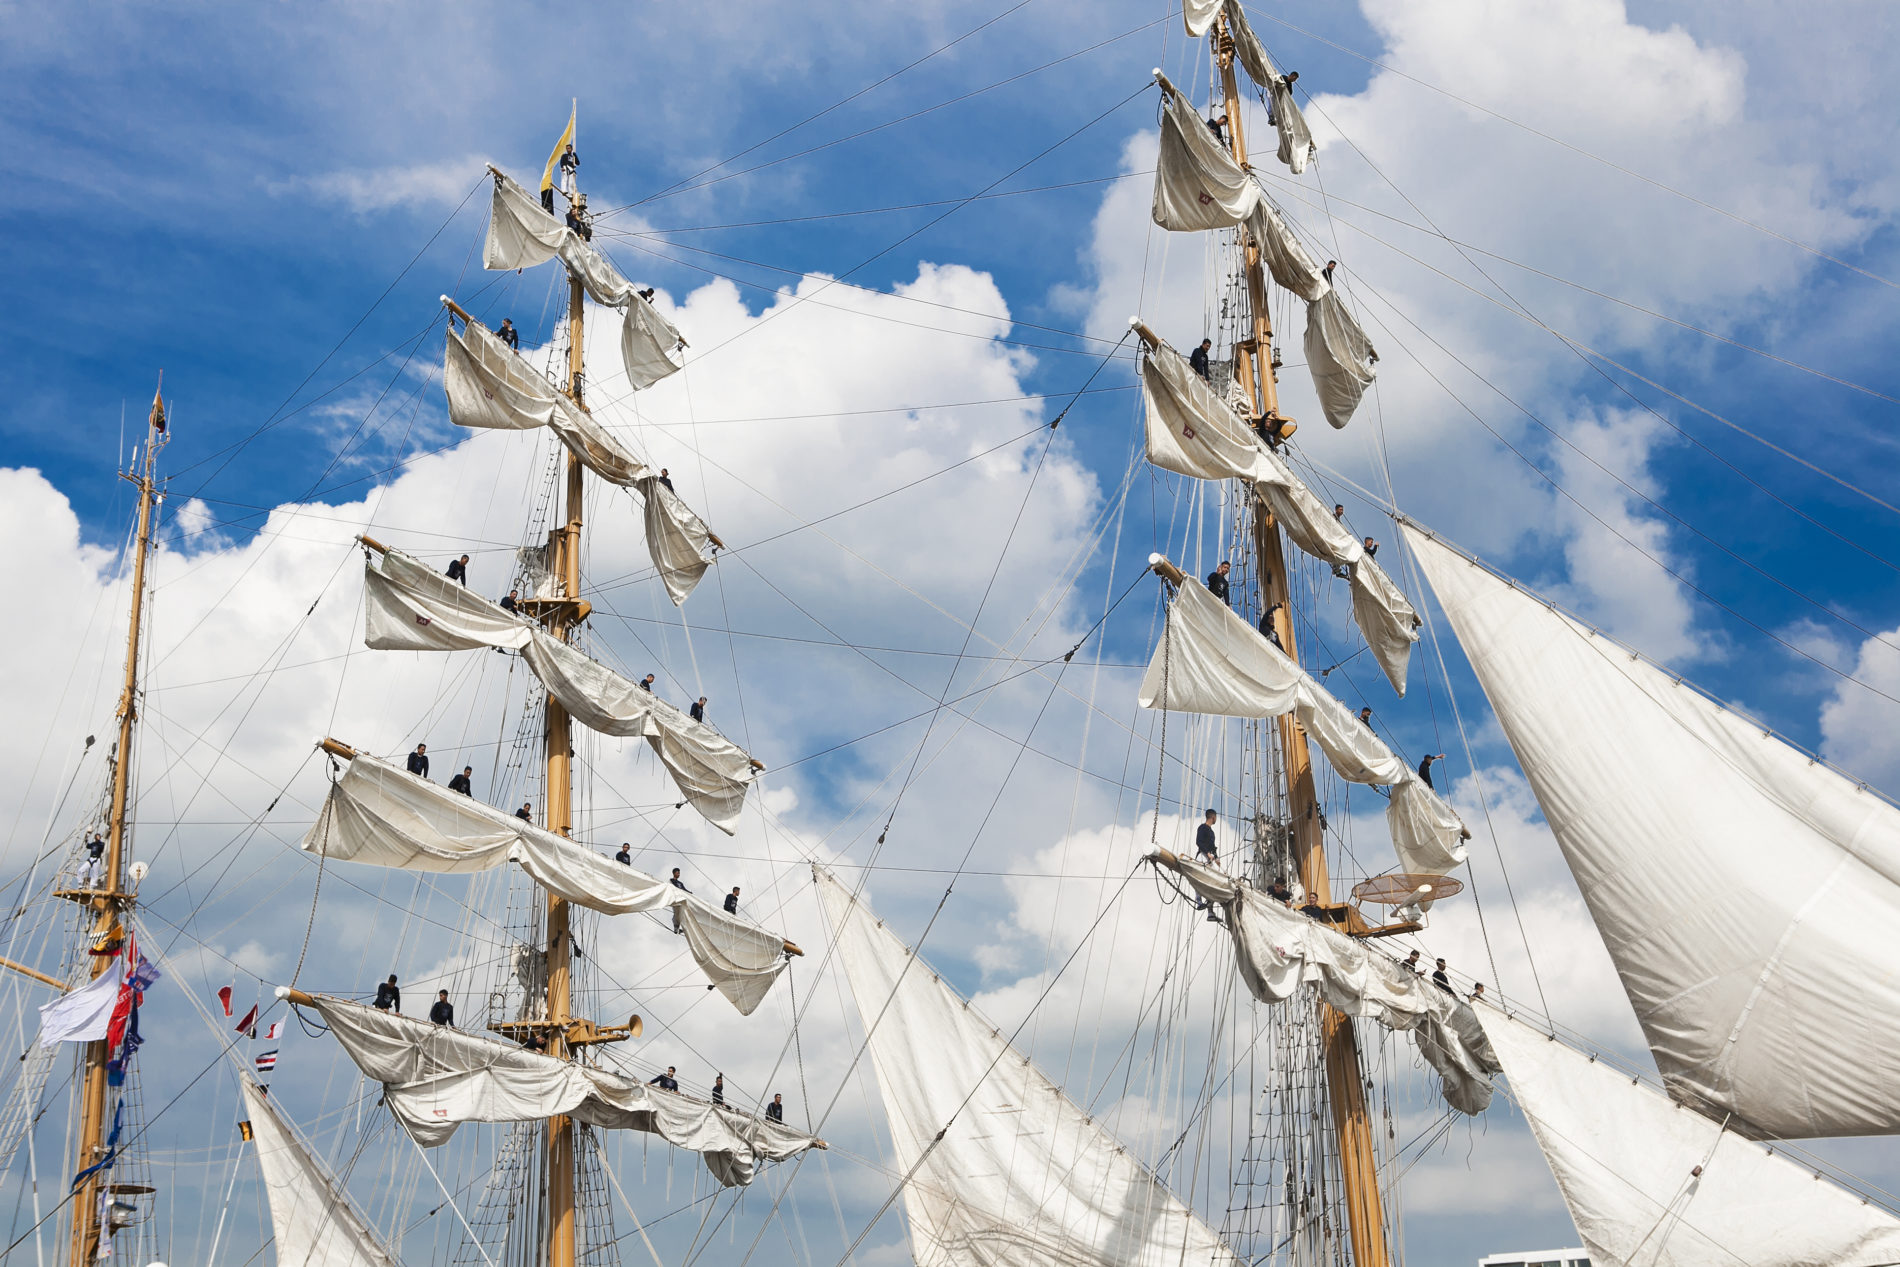 Bemanningsleden van de GUayas staan de de masten van het schip